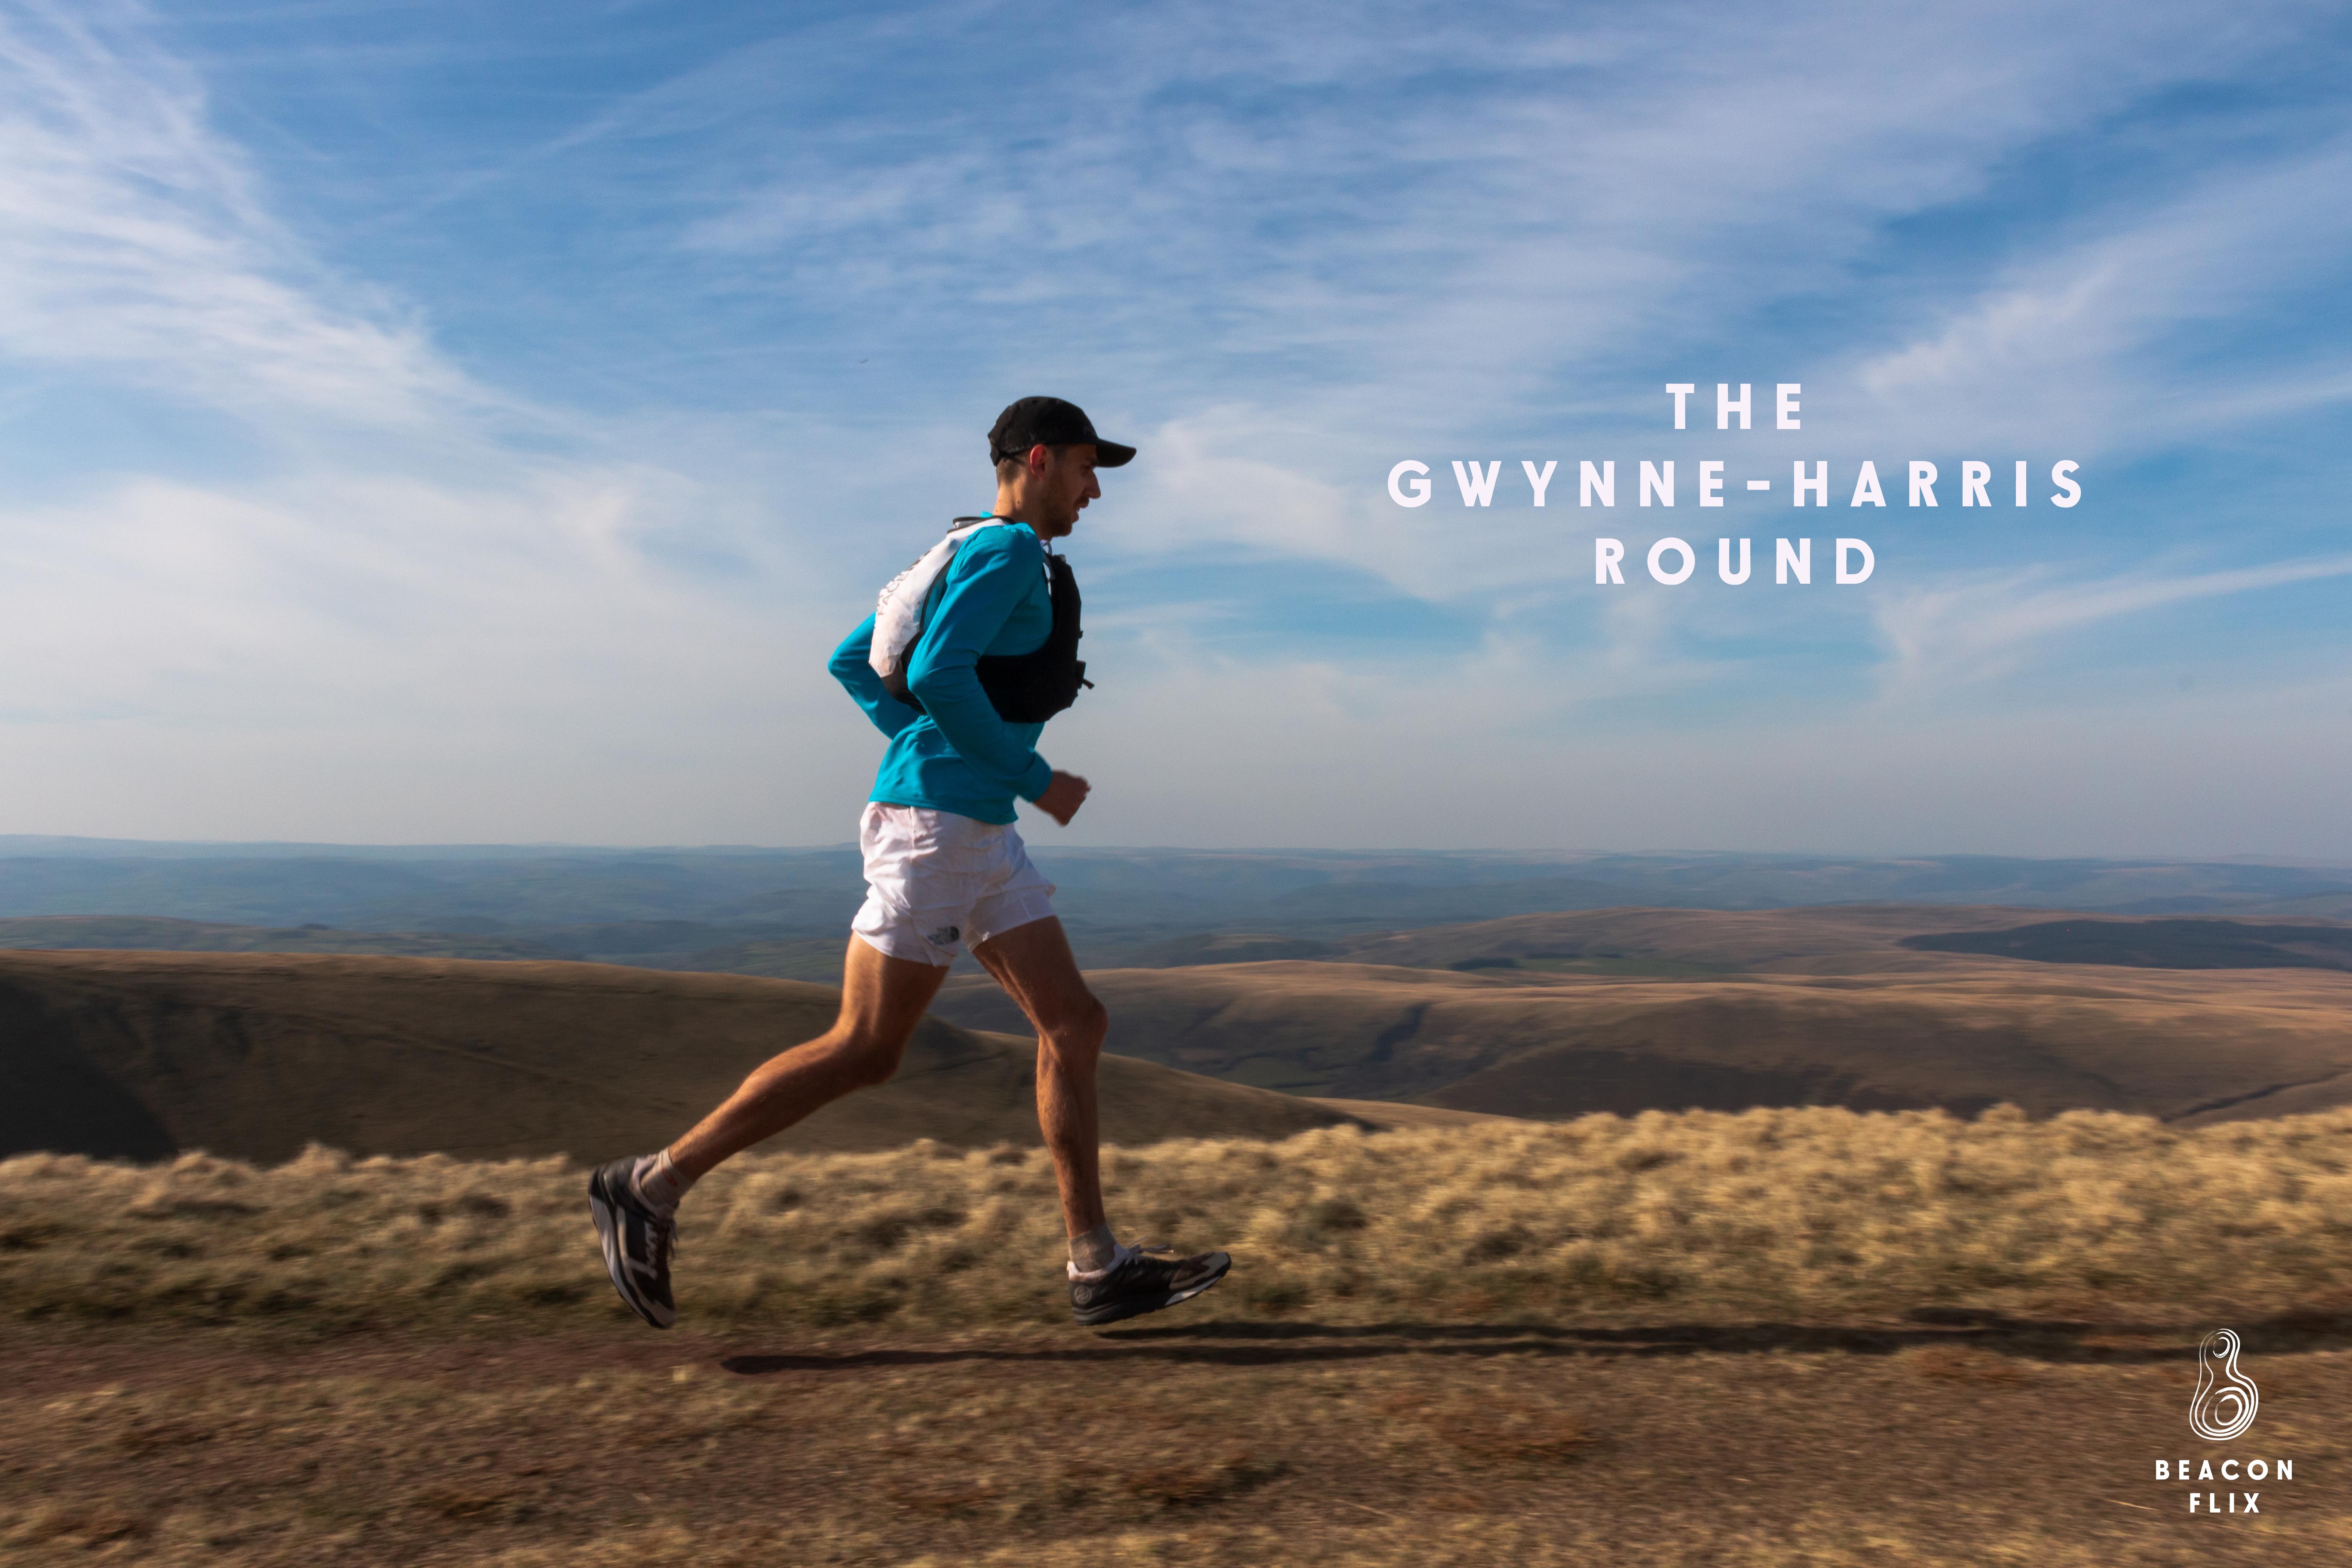 The Gwynne-Harris Round